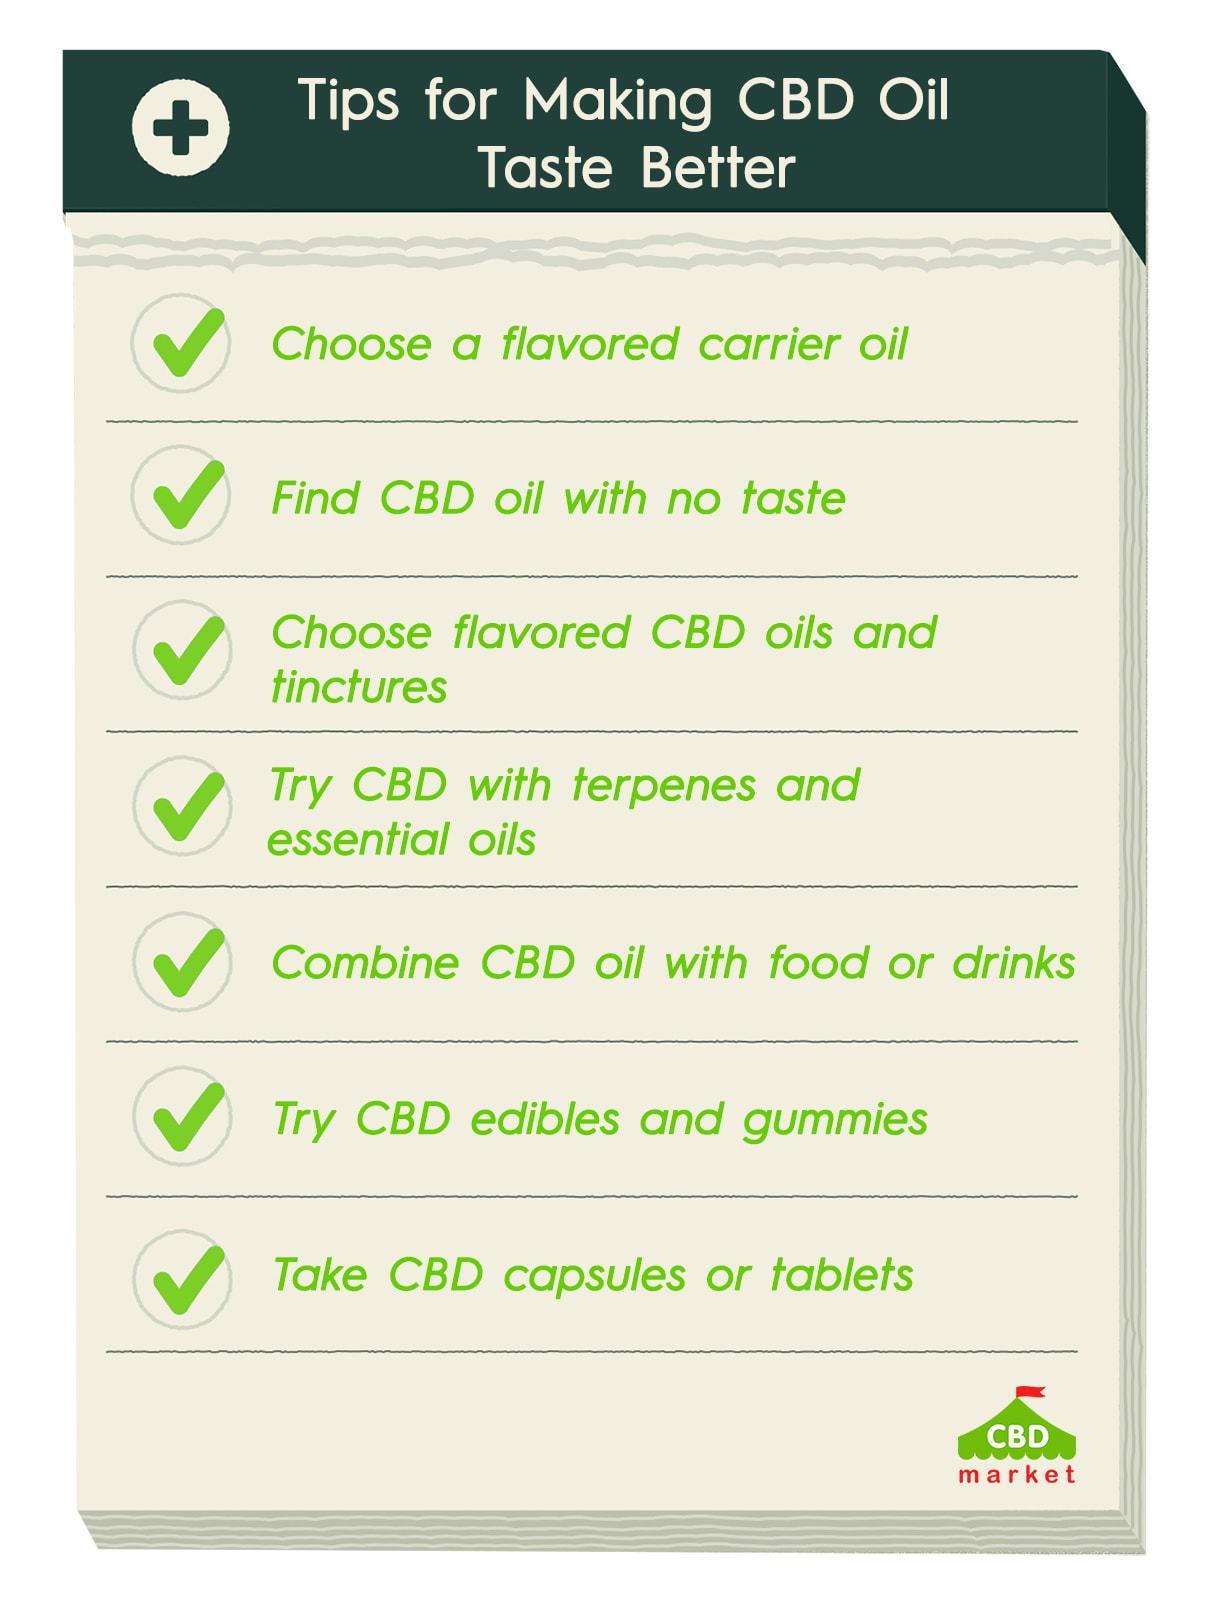 Tips to Find a CBD Oil You Like or Methods for Making CBD oil Taste Better